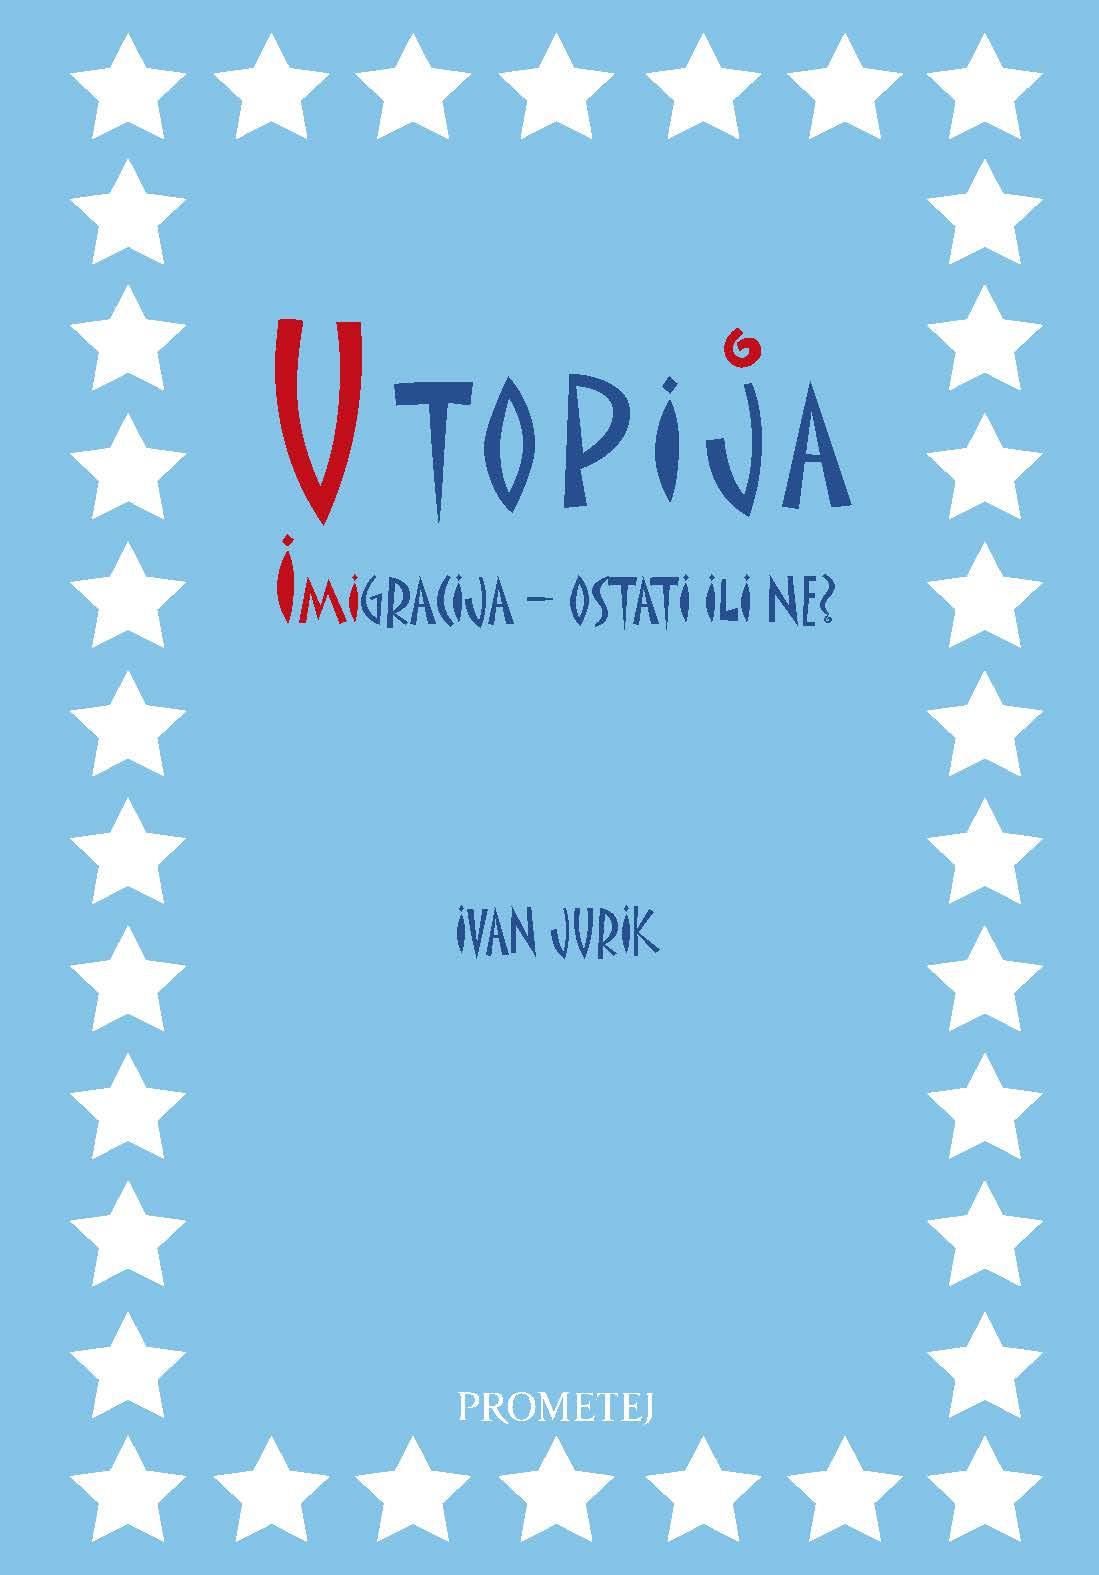 Utopija – imigracija ostati ili ne